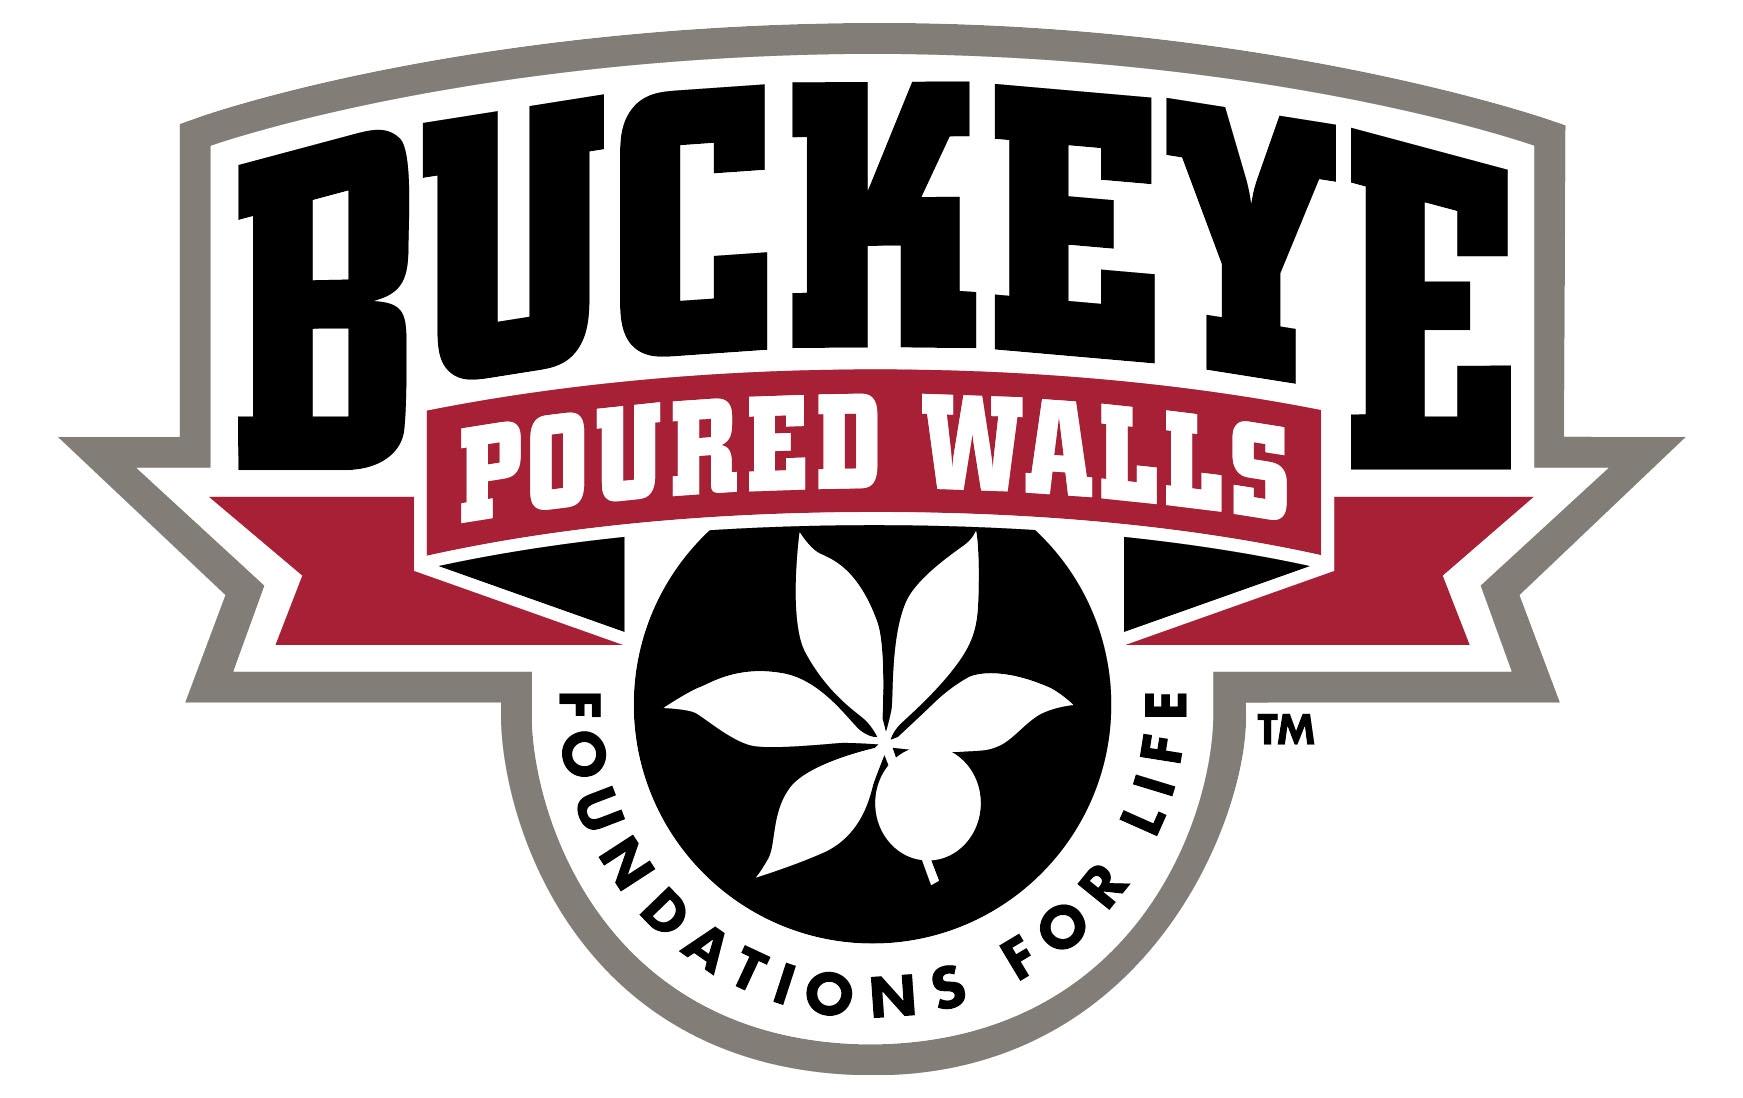 Buckeye Poured Walls Logo